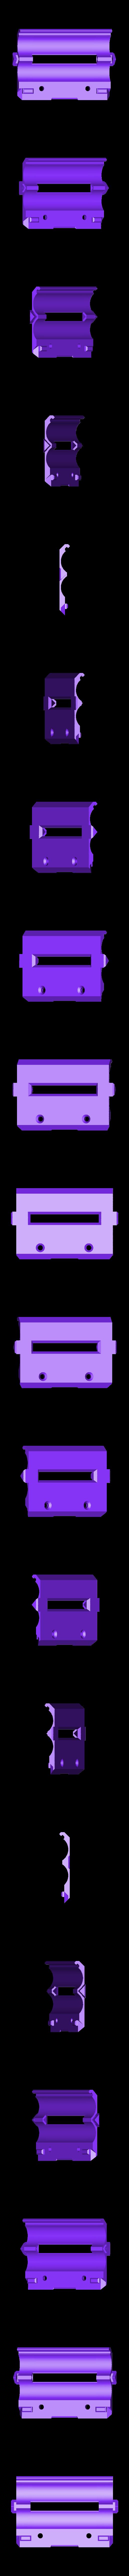 18650_2P_lid_V2_Vented.stl Télécharger fichier STL gratuit NESE, le module V2 sans soudure 18650 (VENTED) • Objet pour imprimante 3D, 18650